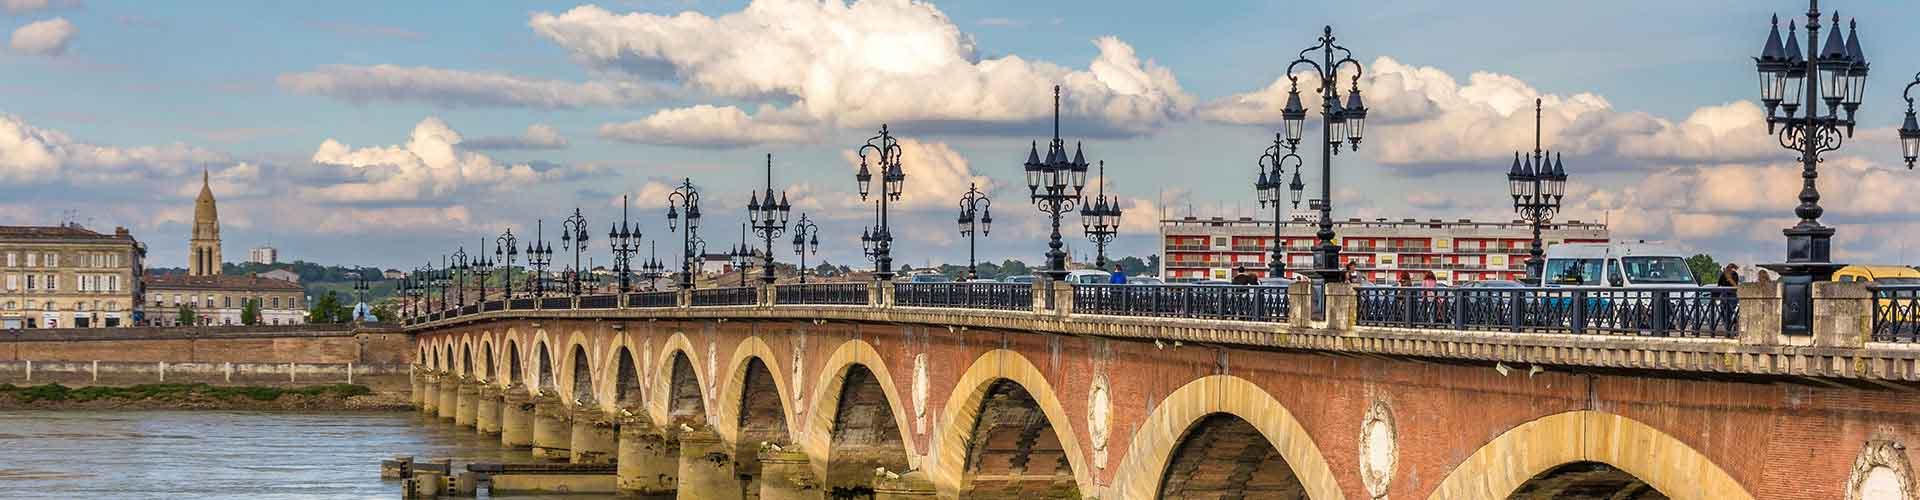 Bordeaux - Auberges de jeunesse à Bordeaux. Cartes pour Bordeaux, photos et commentaires pour chaque auberge de jeunesse à Bordeaux.